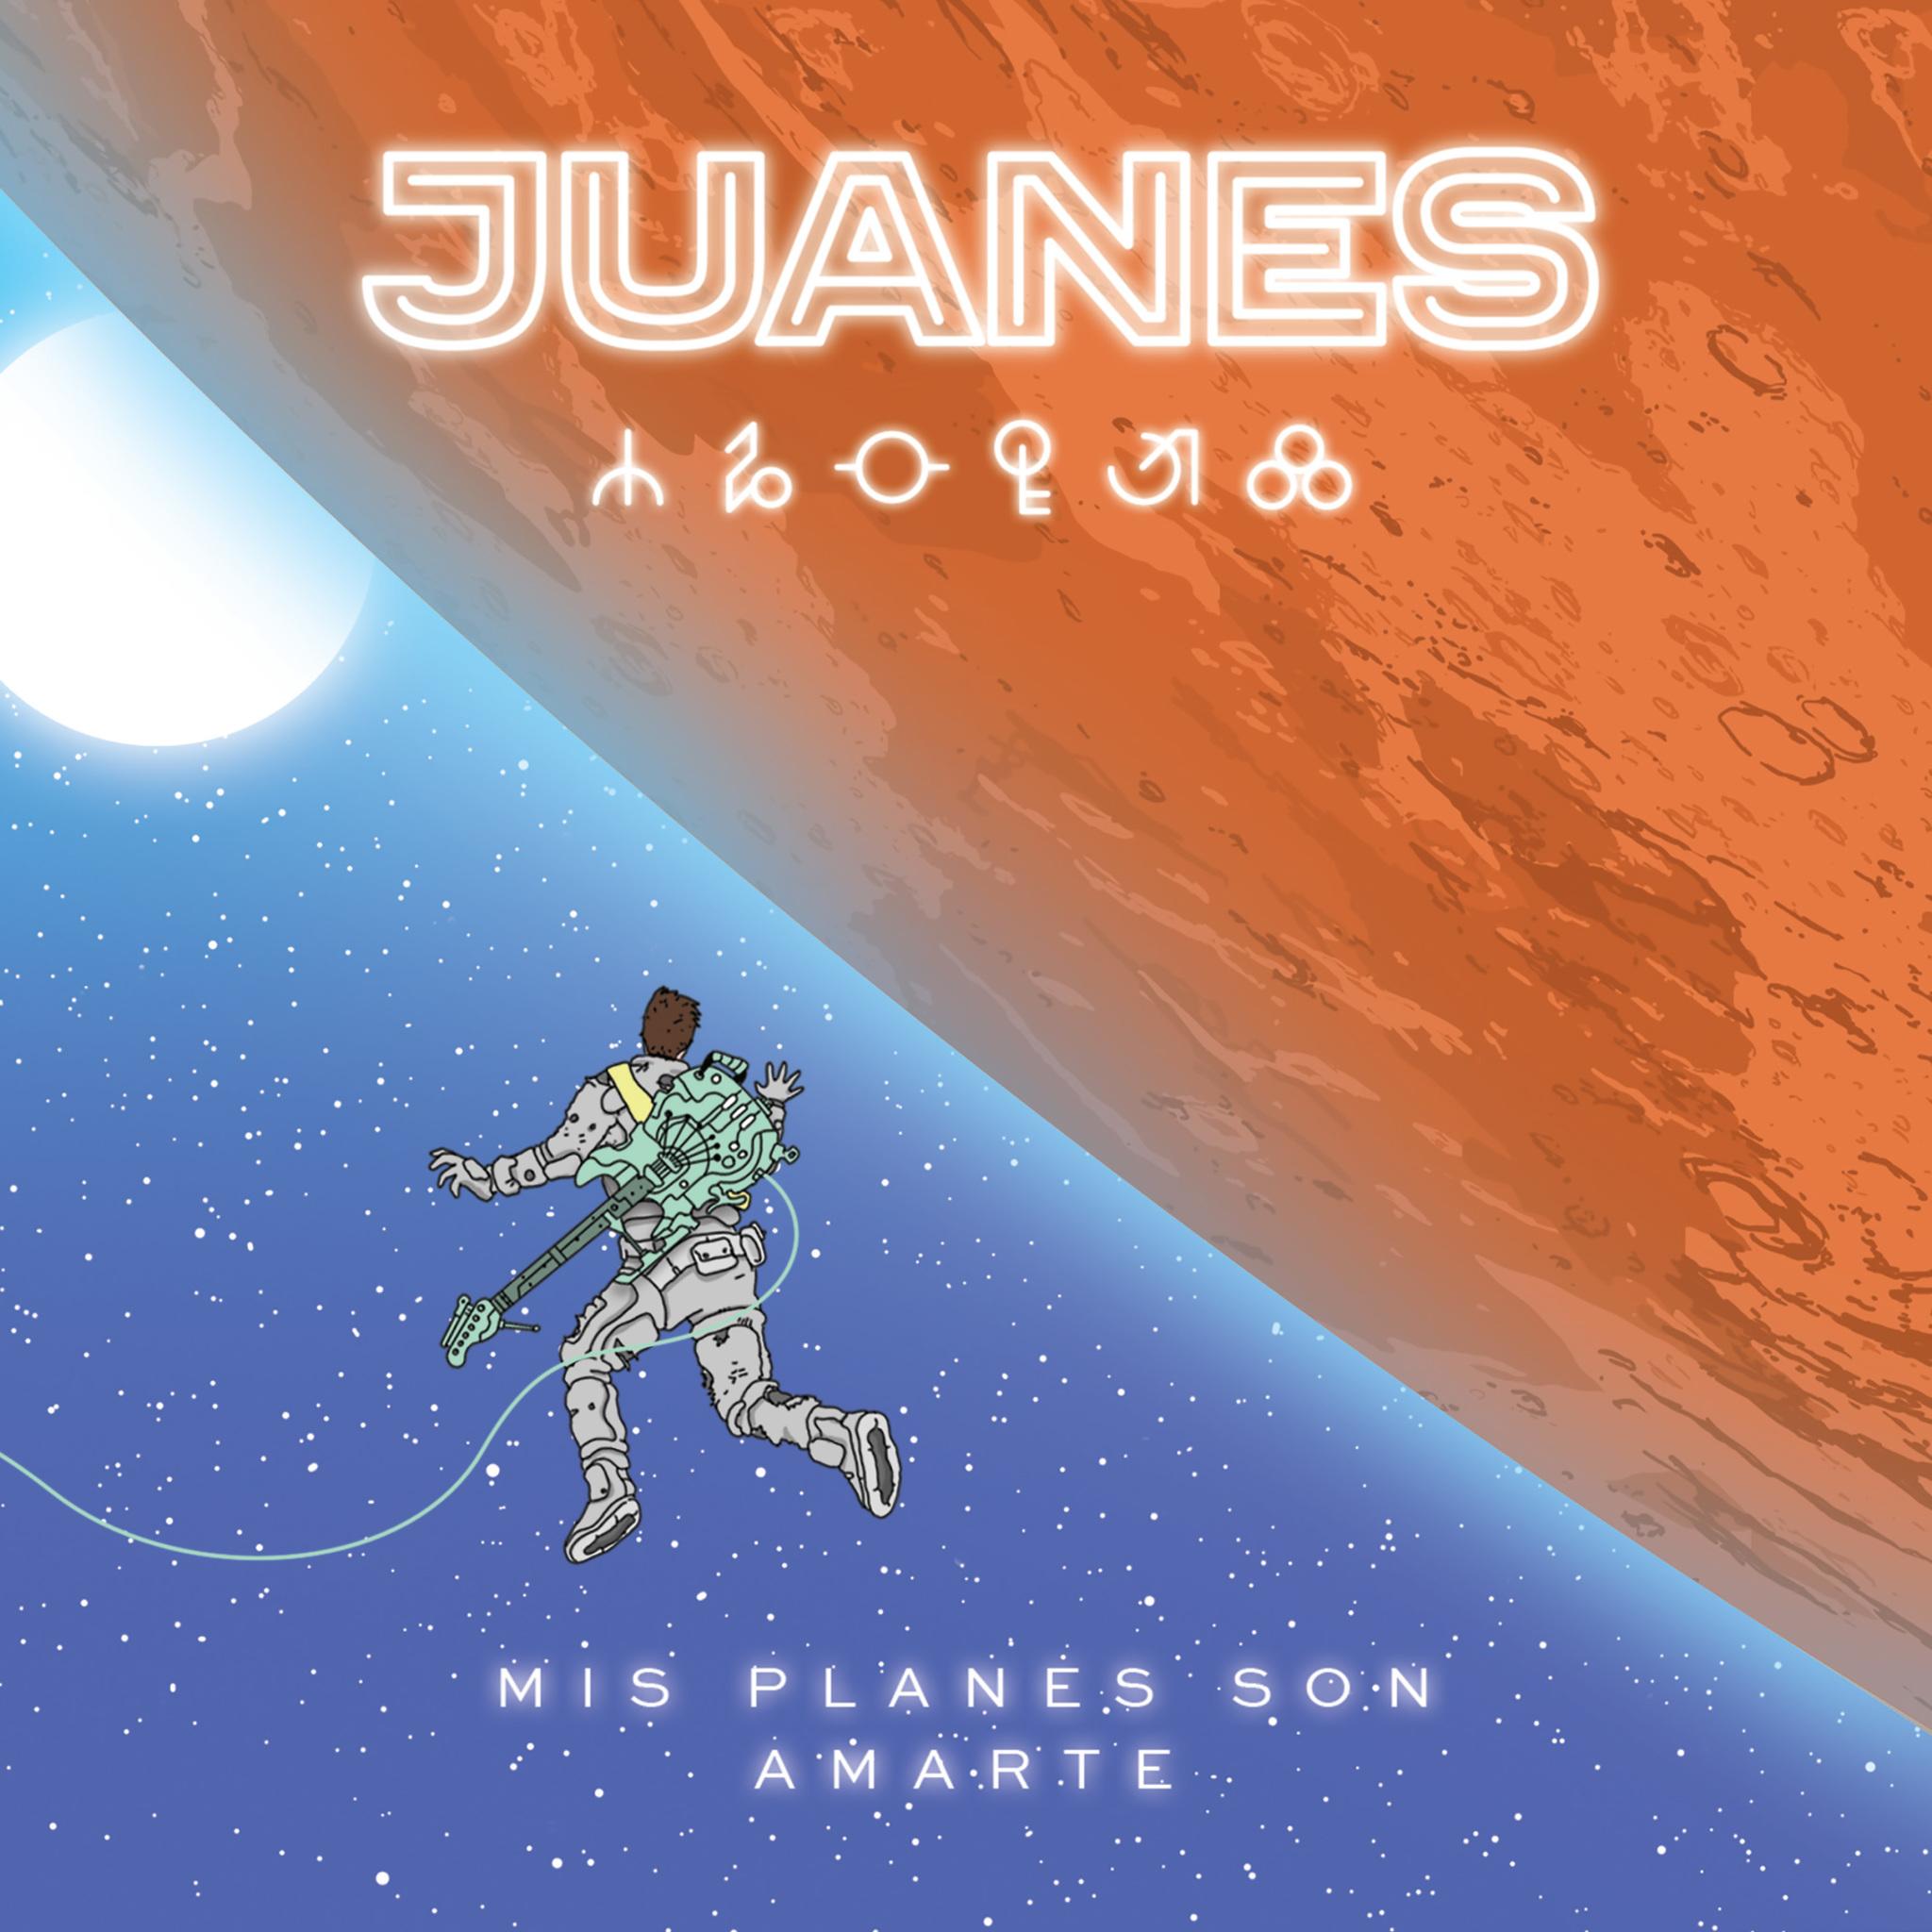 Mis planes son para amarte Juanes